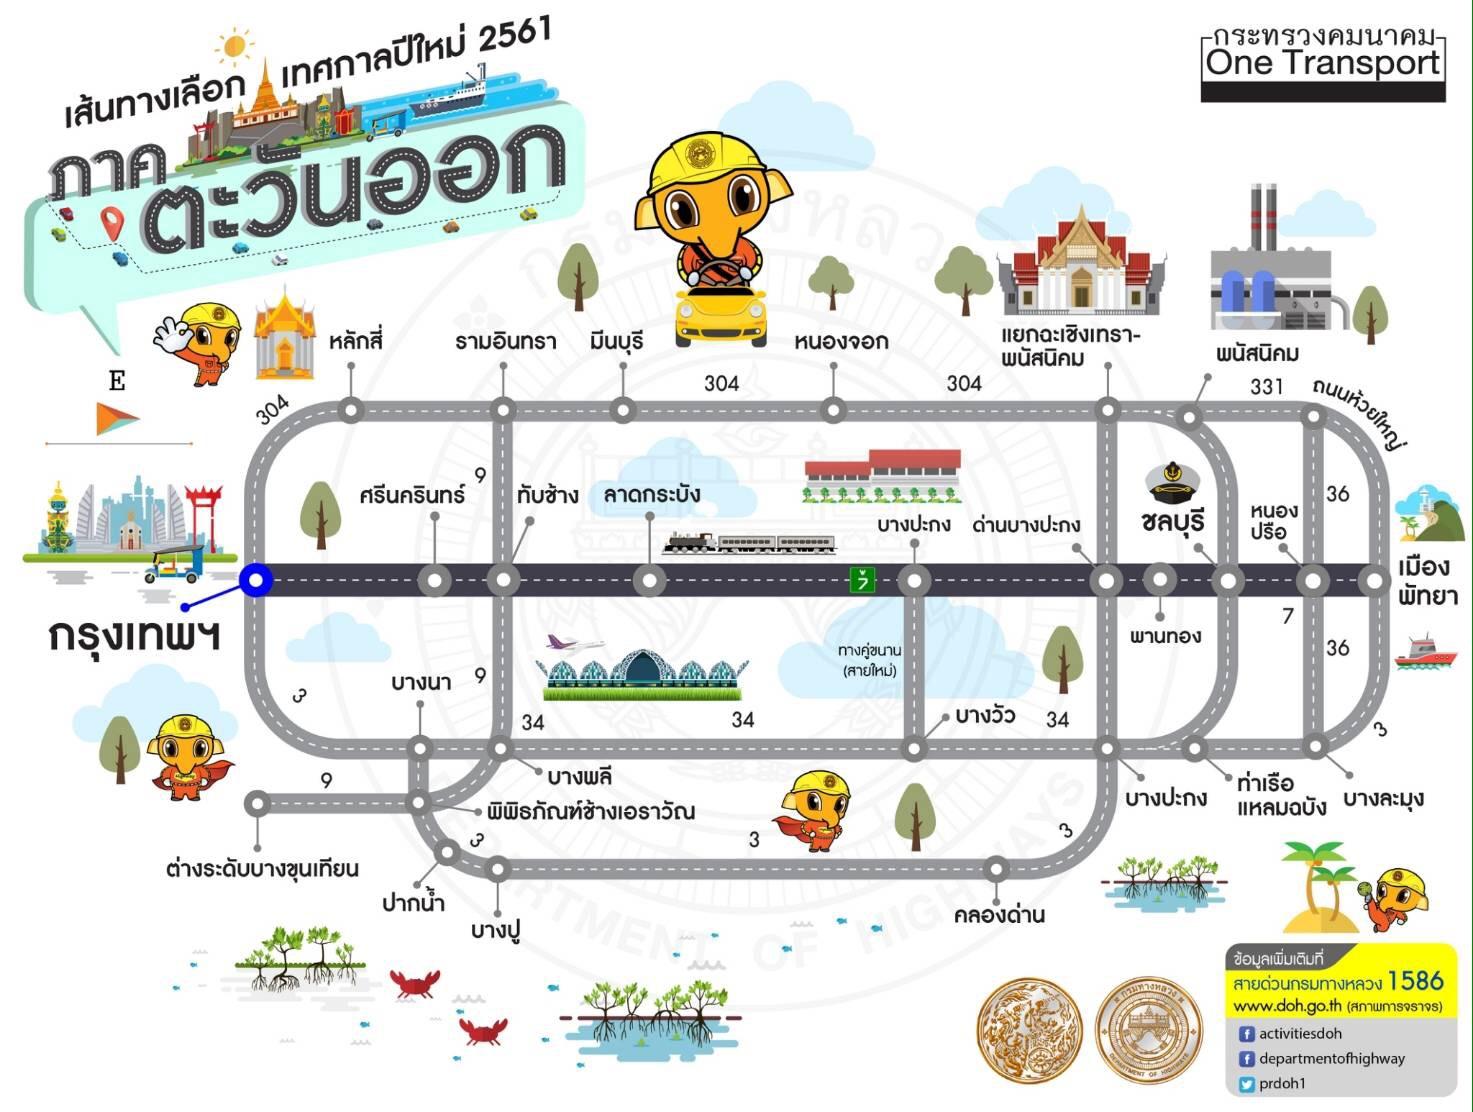 แผนที่เส้นทางกรุงเทพ-ภาคตะวันออก